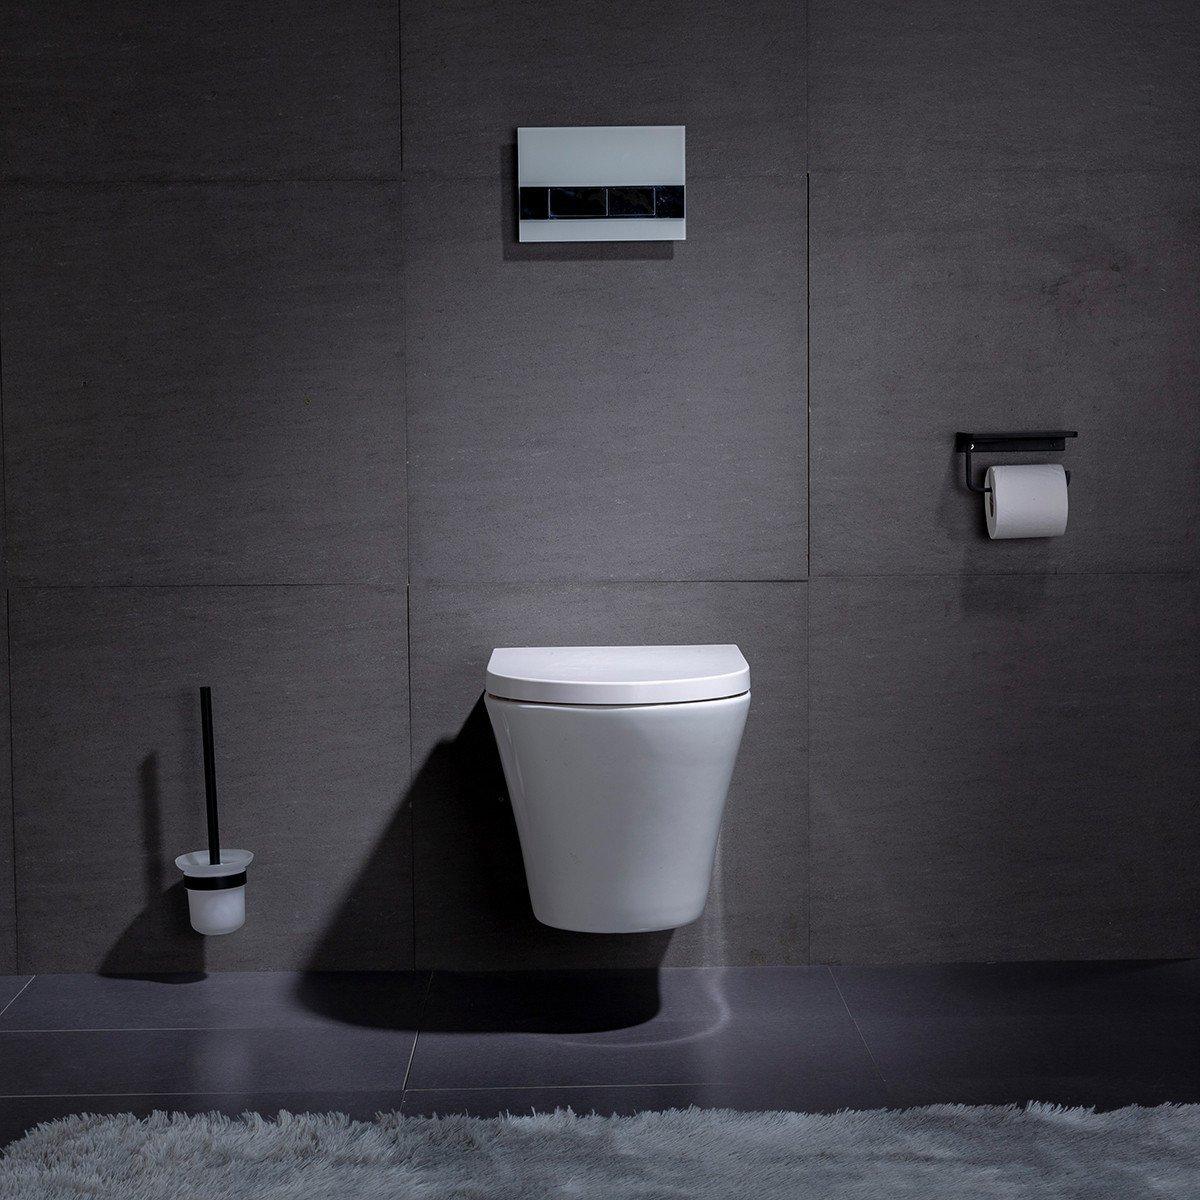 Inbouw Toilet Compleet : Bol wandcloset hangend toilet saturna inbouwtoilet